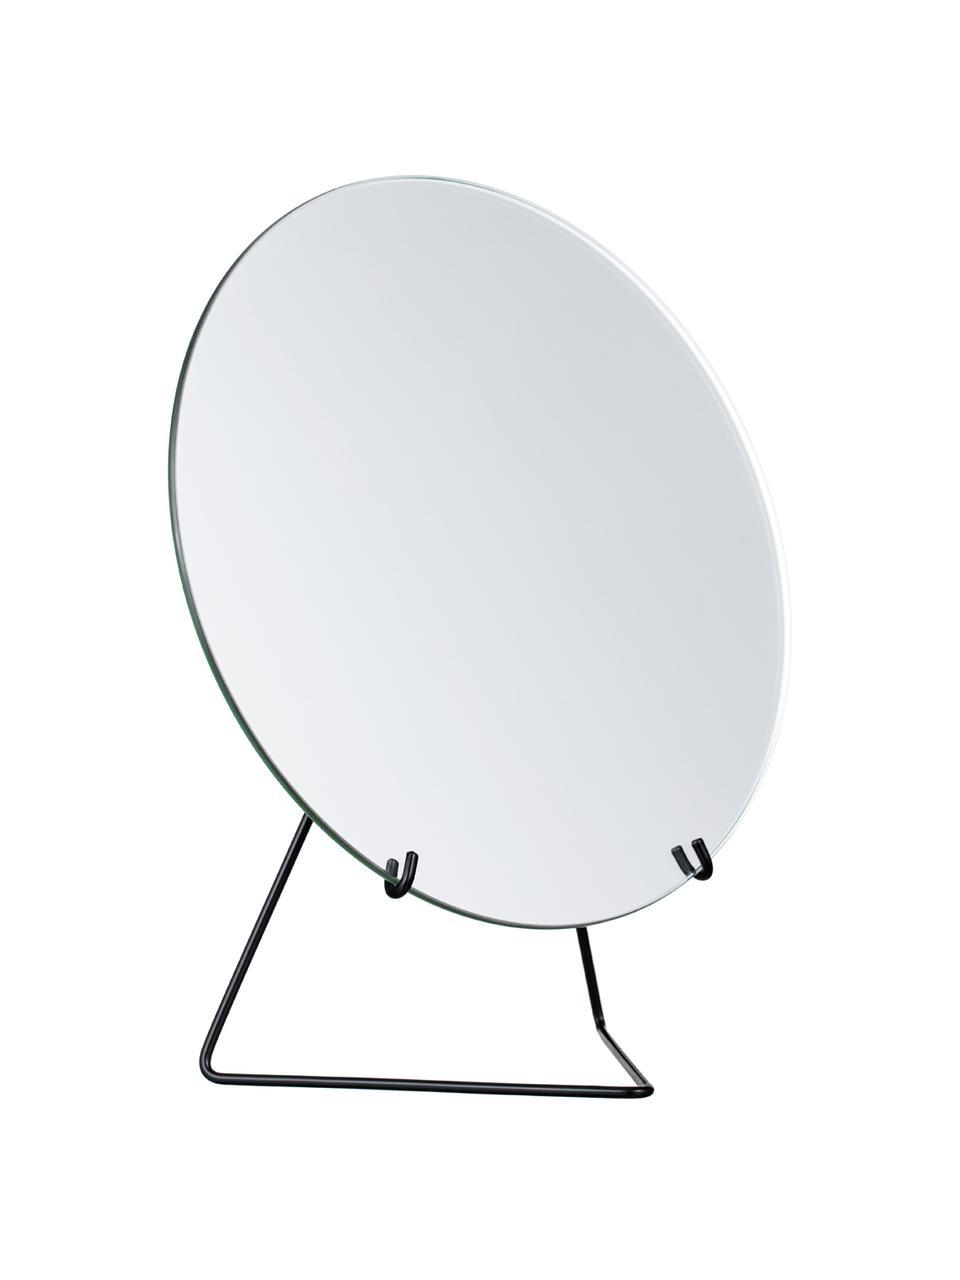 Kosmetické zrcadlo Standing Mirror, Rám: černá Zrcadlo: zrcadlo